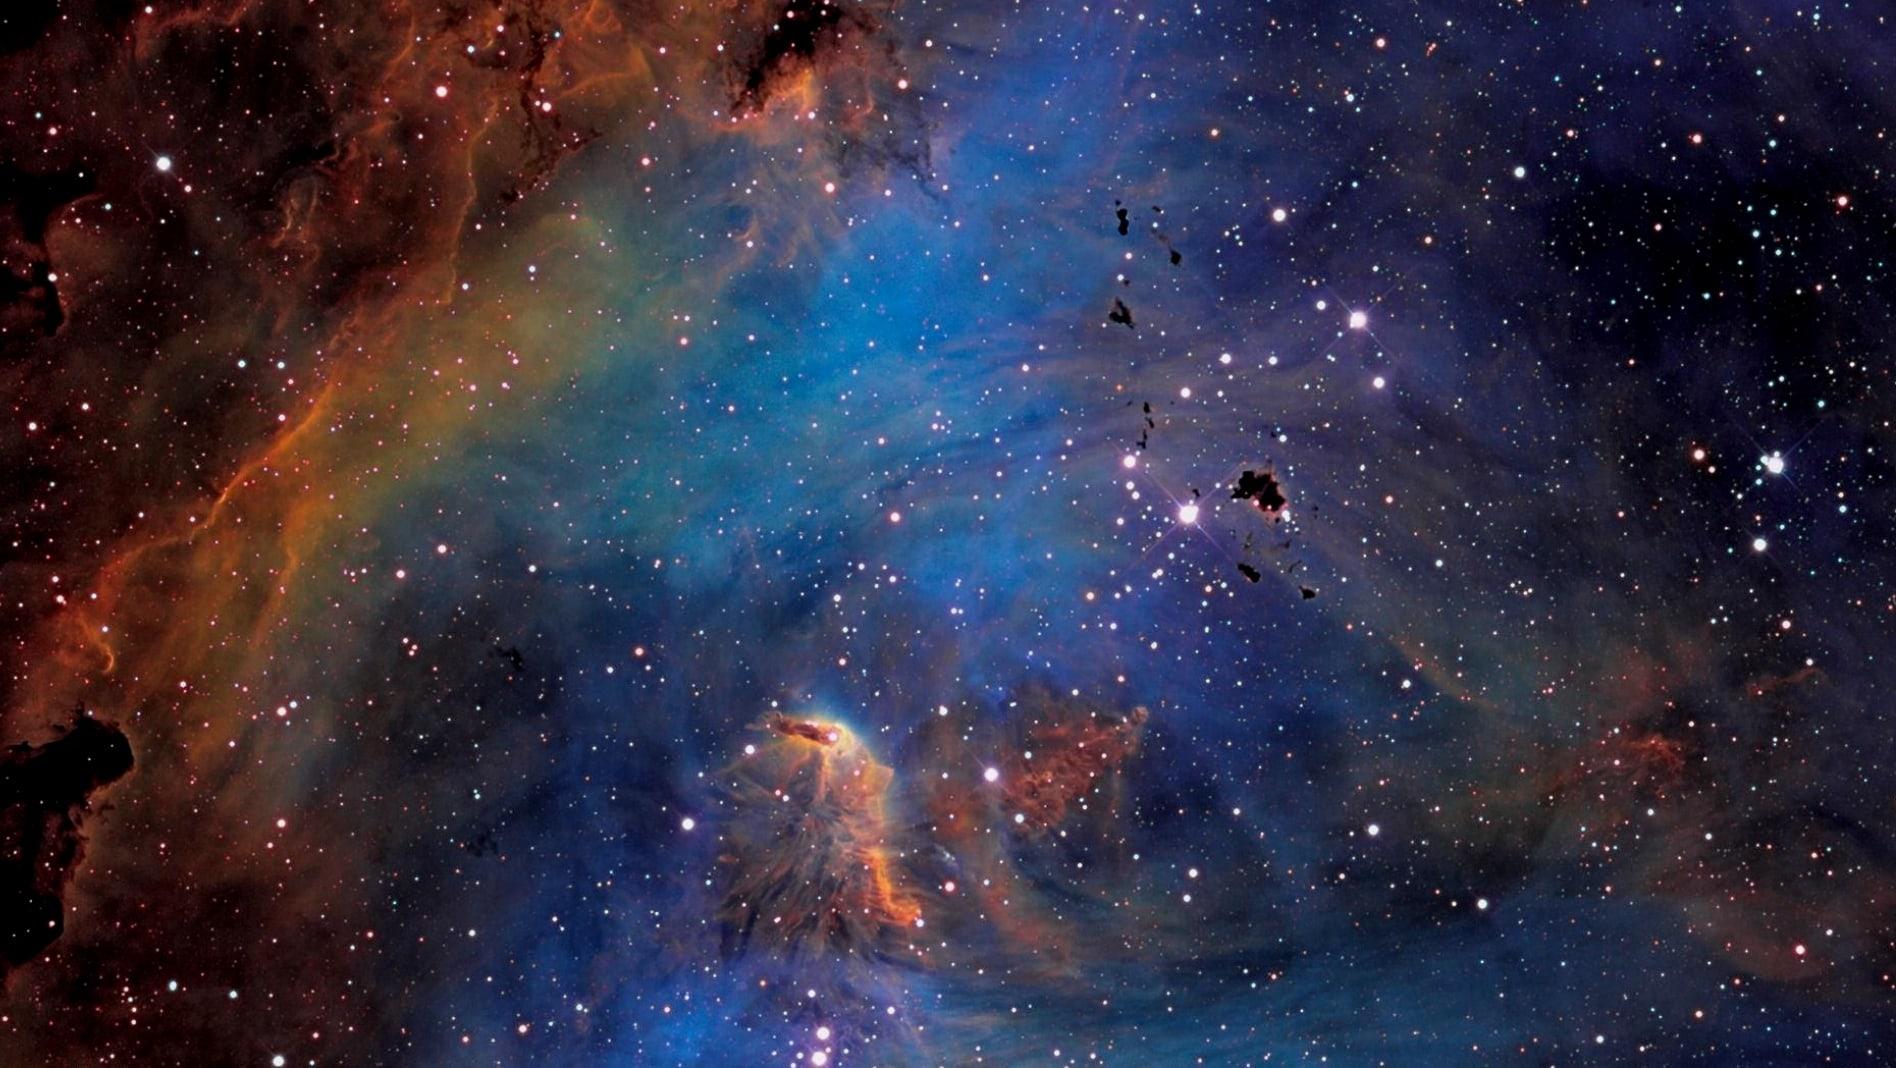 Сколько километров до космоса: что такое космос и на какой высоте от земли он начинается